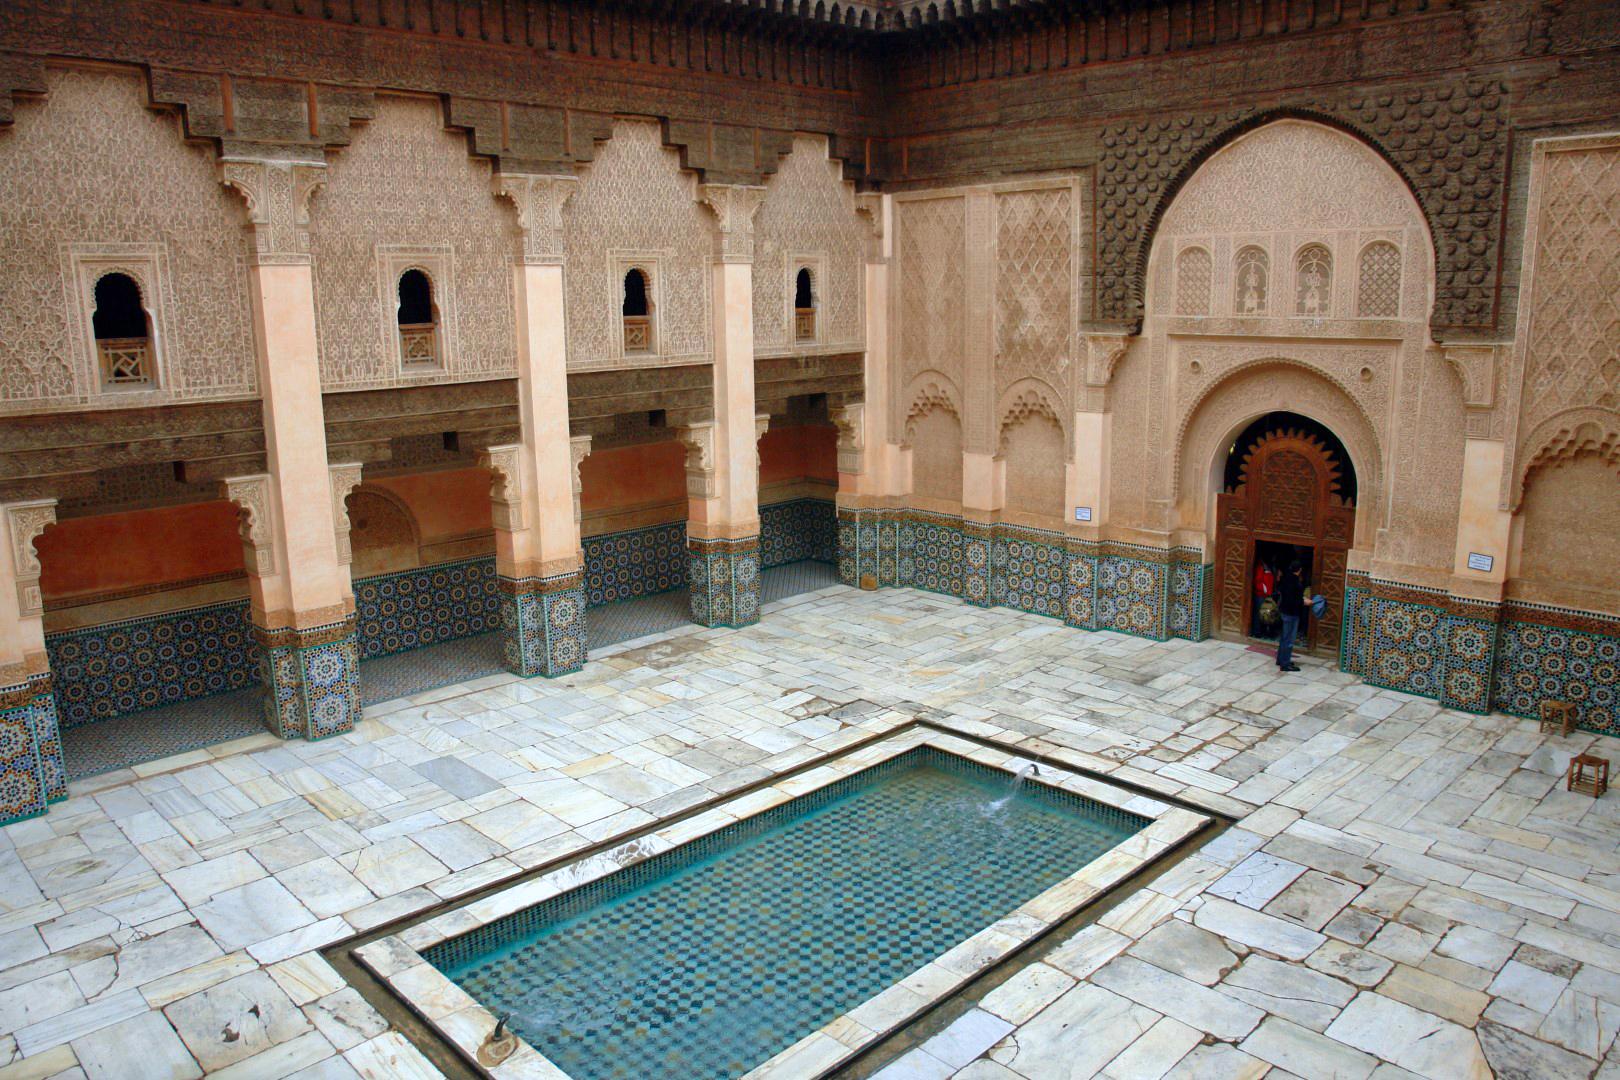 Qué ver en Marrakech, Marruecos - Morocco qué ver en marrakech - 30892954062 8c3377085c o - Qué ver en Marrakech, Marruecos